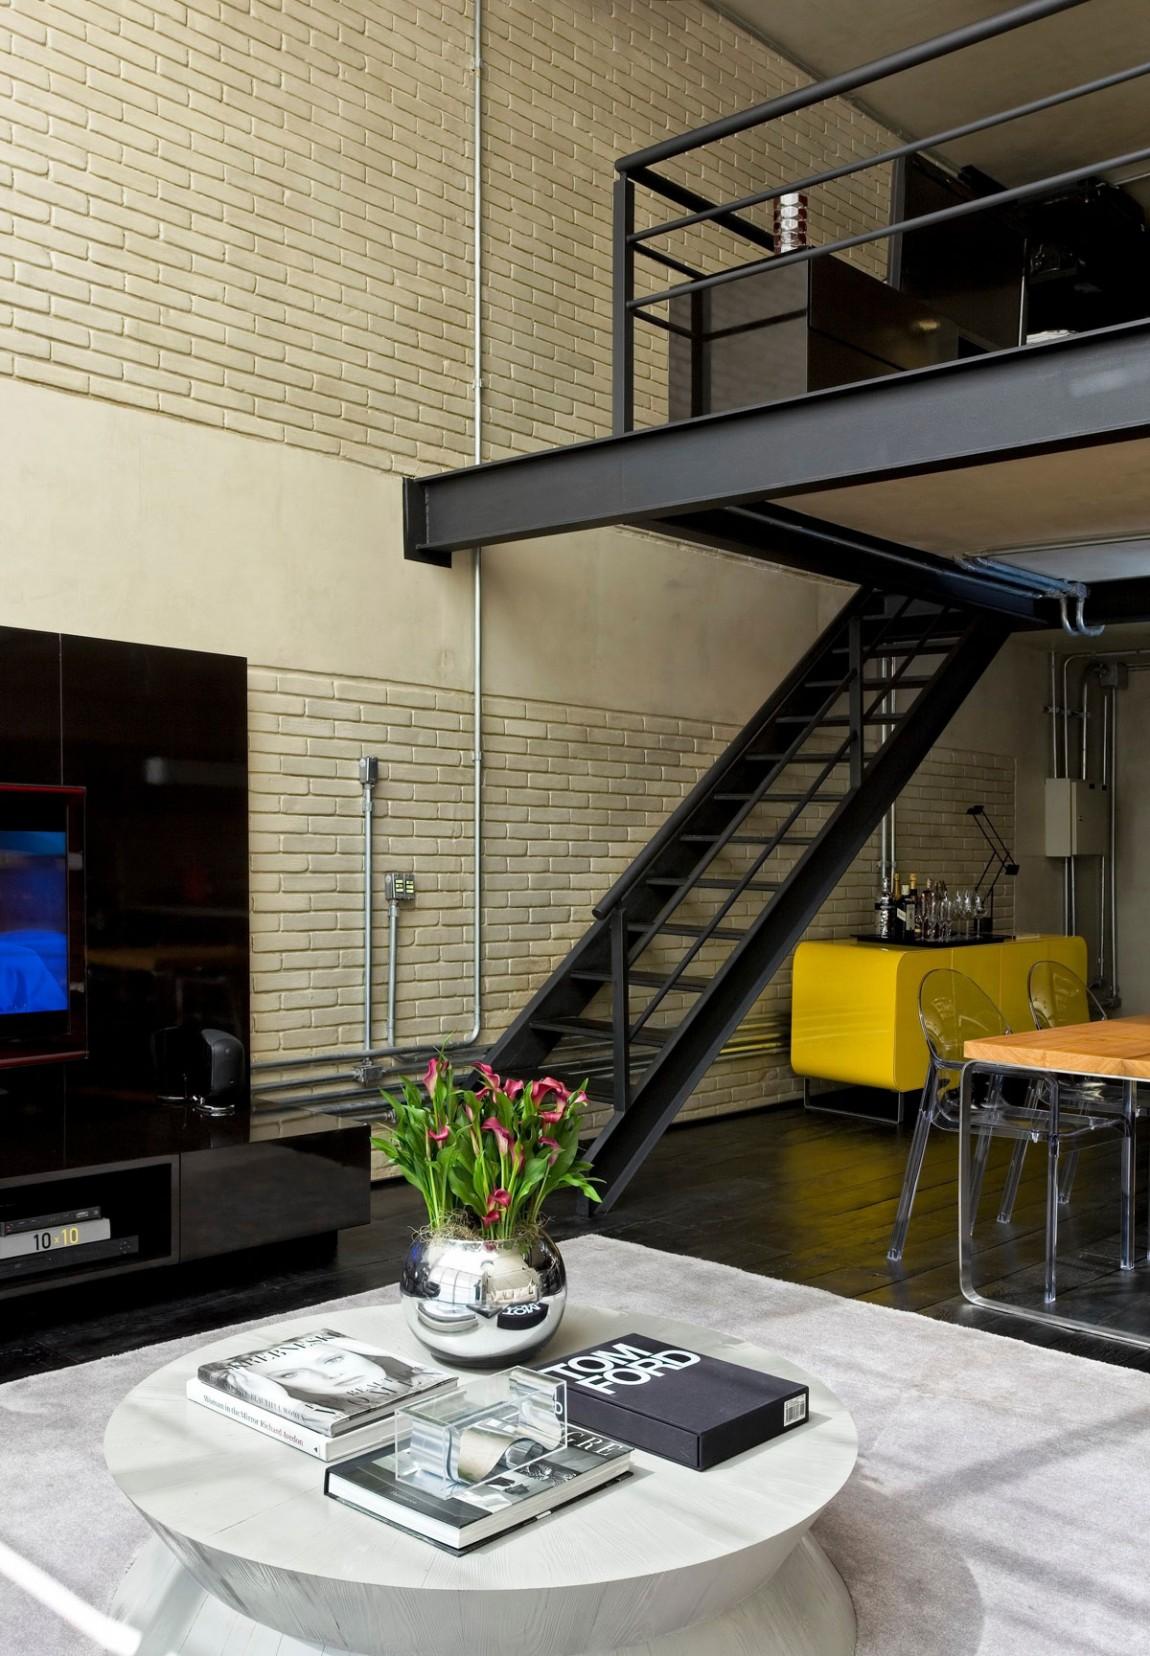 Loft estilo industrial sao paulo7 - Estilo industrial ...